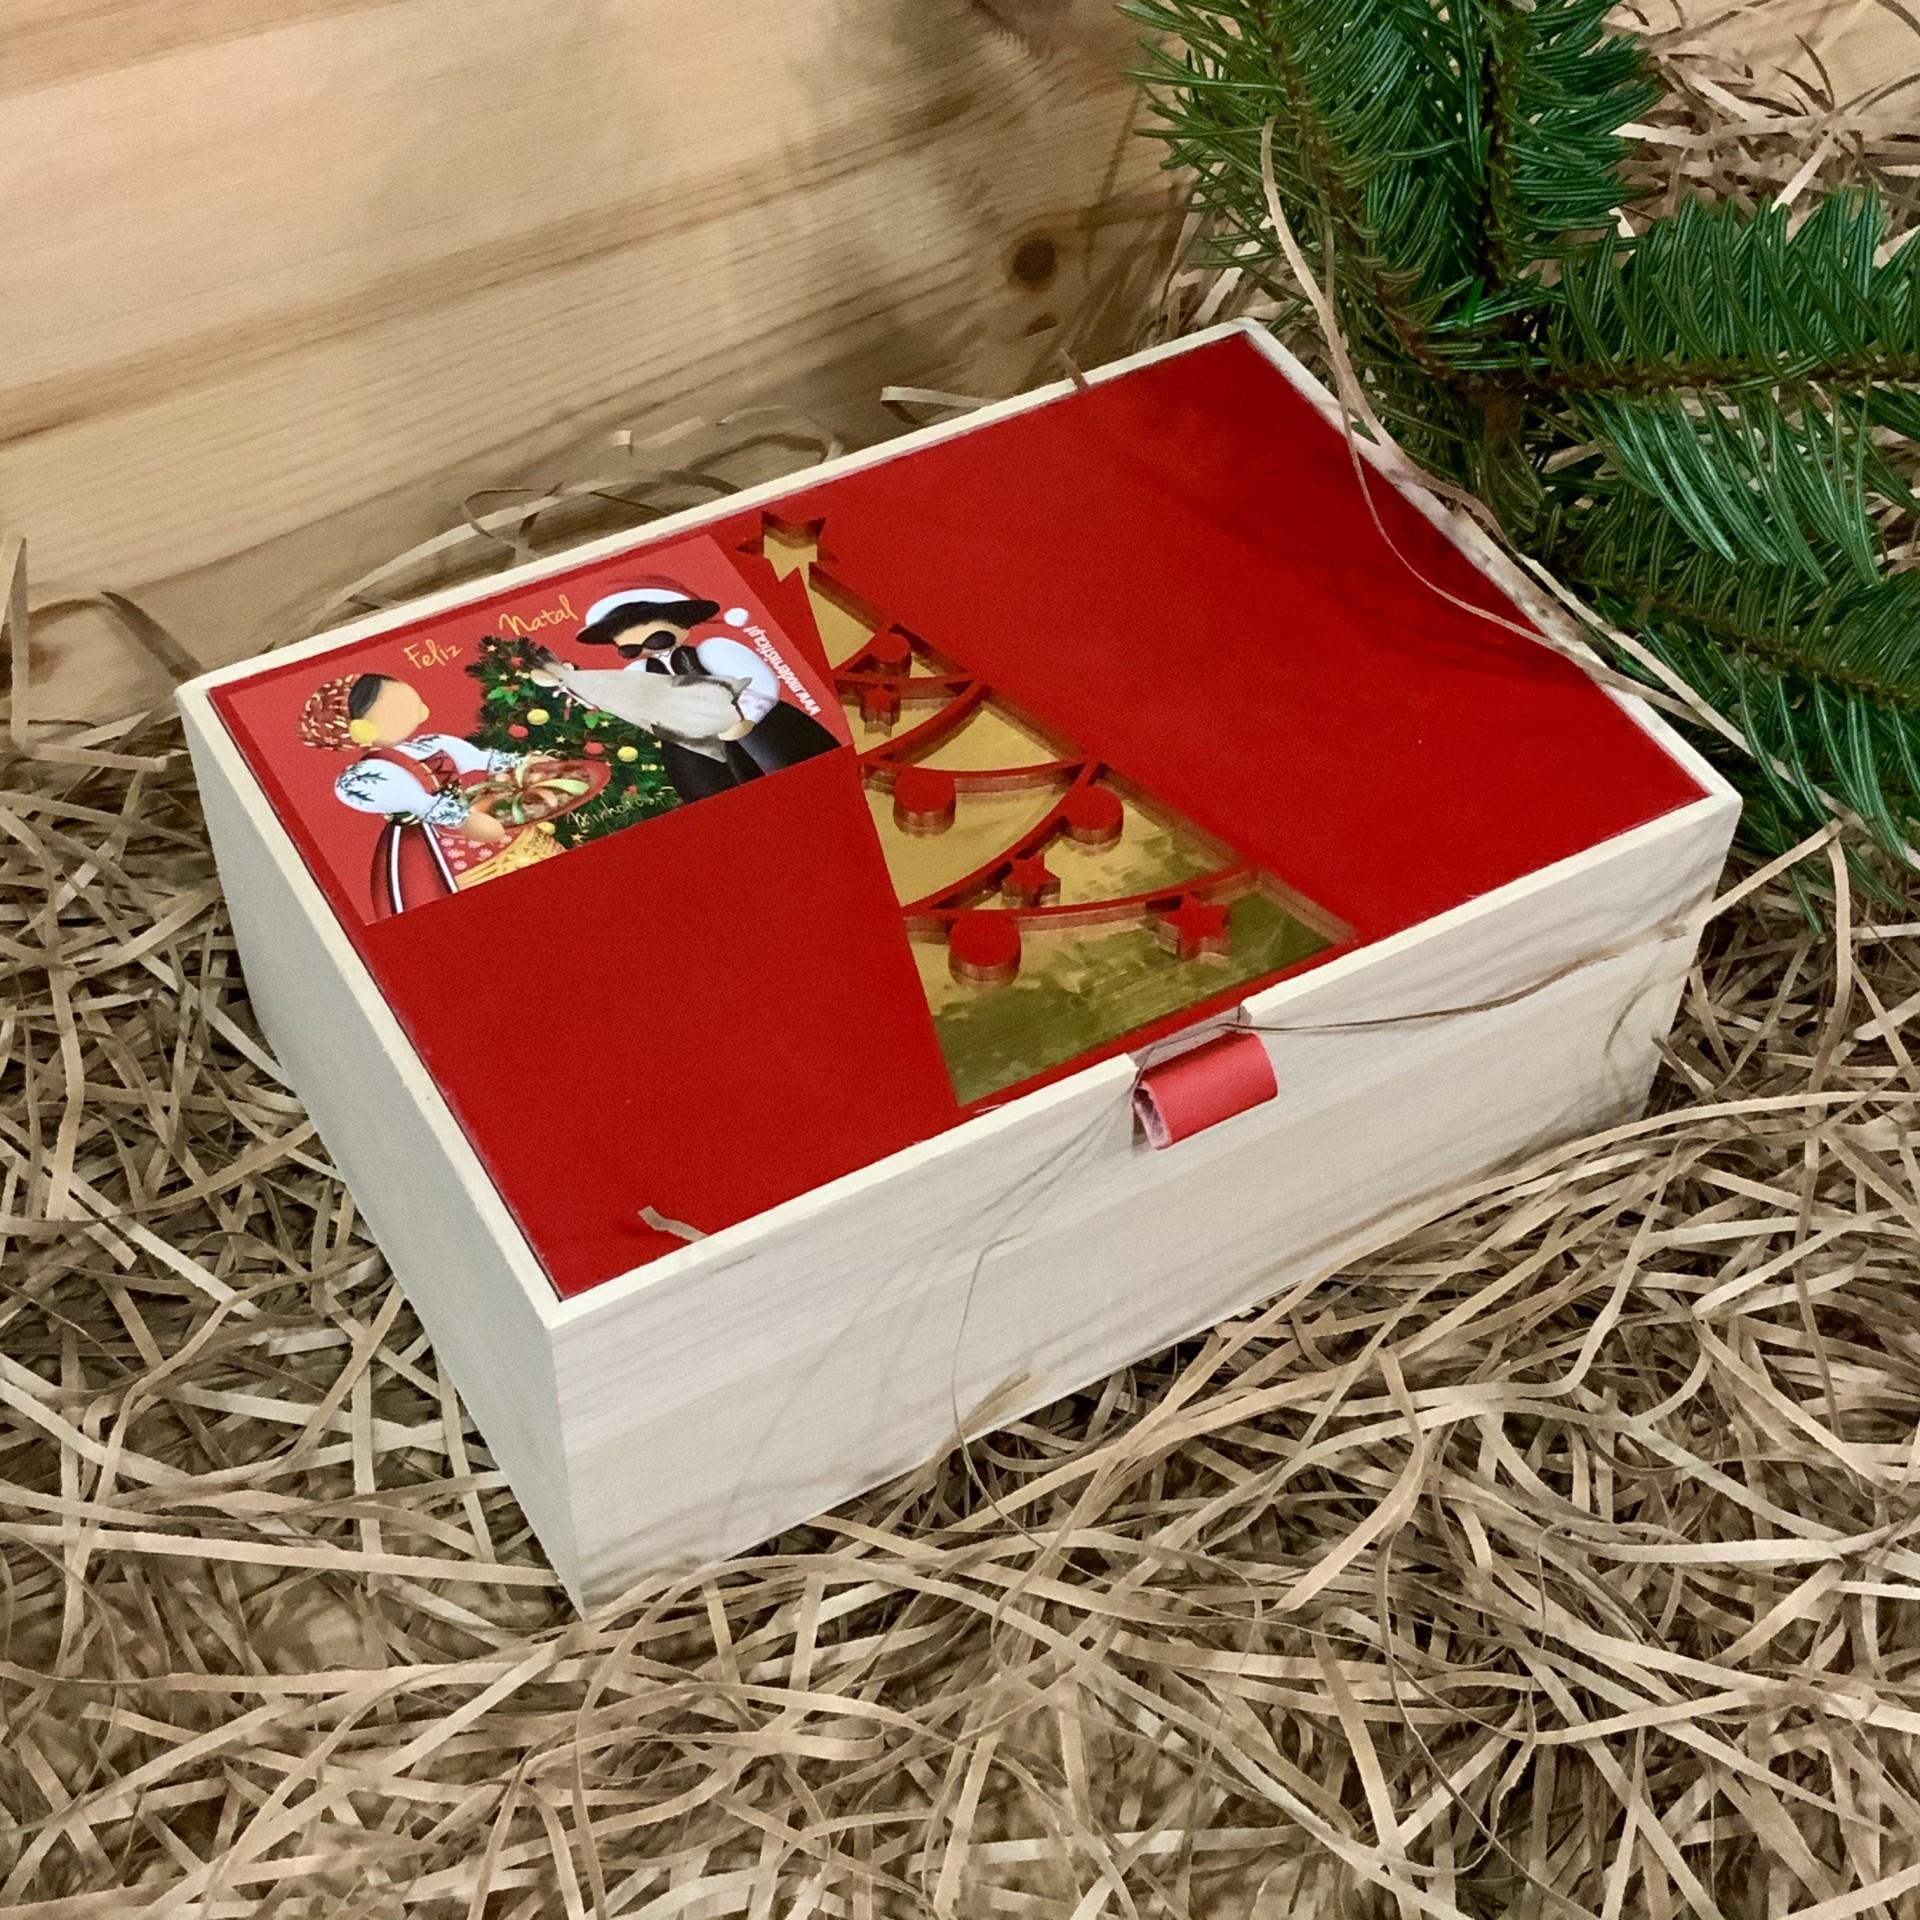 Cabaz Caixa Madeira Peq. Folha vermelha